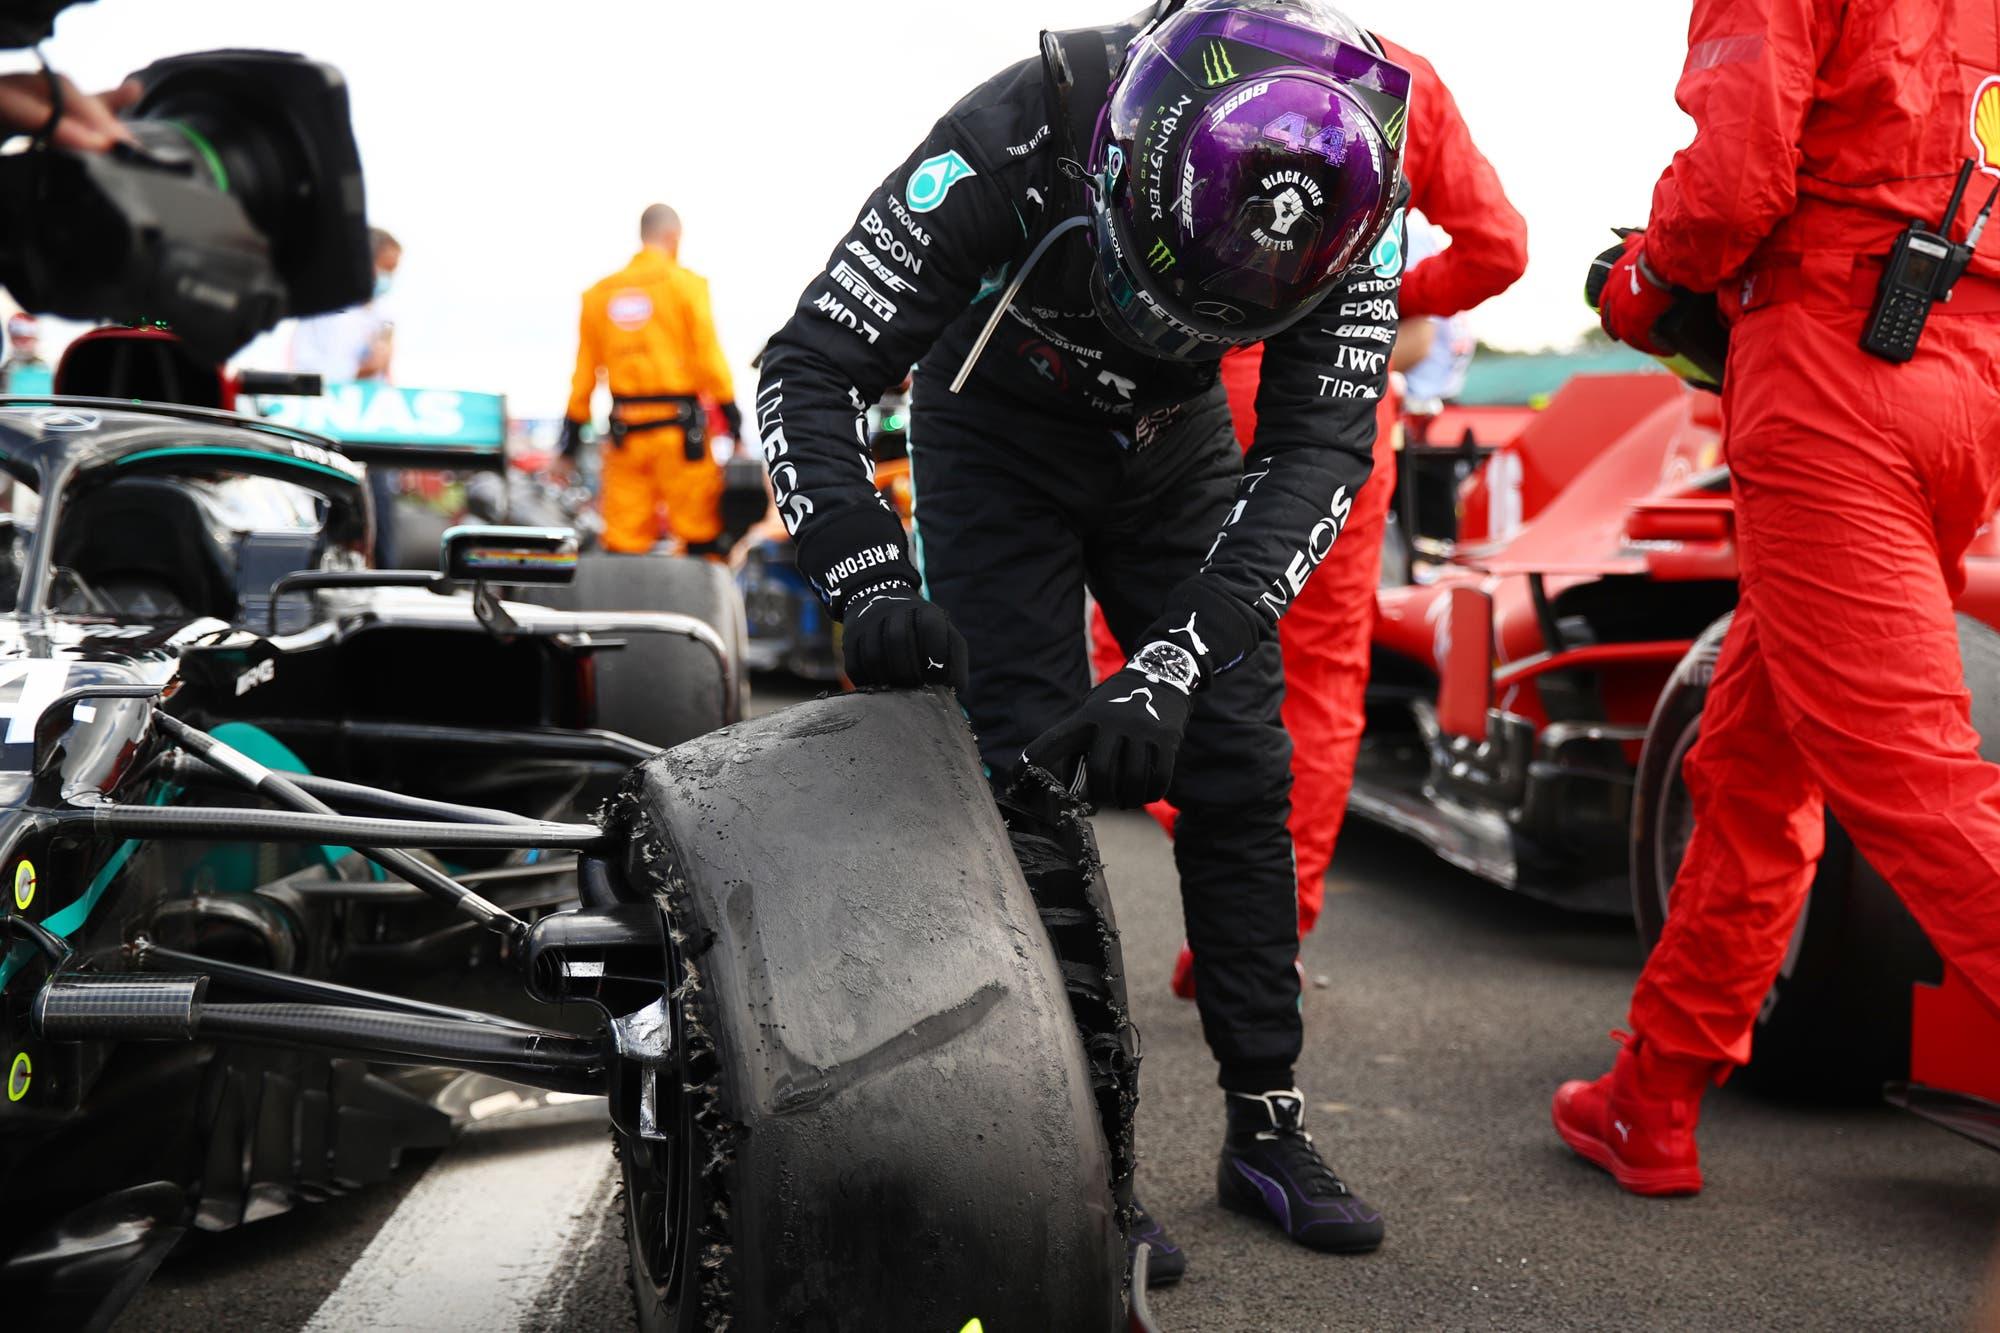 Fórmula 1: la explicación de Pirelli tras la rotura de los neumáticos de Lewis Hamilton, Valtteri Bottas y Carlos Sainz